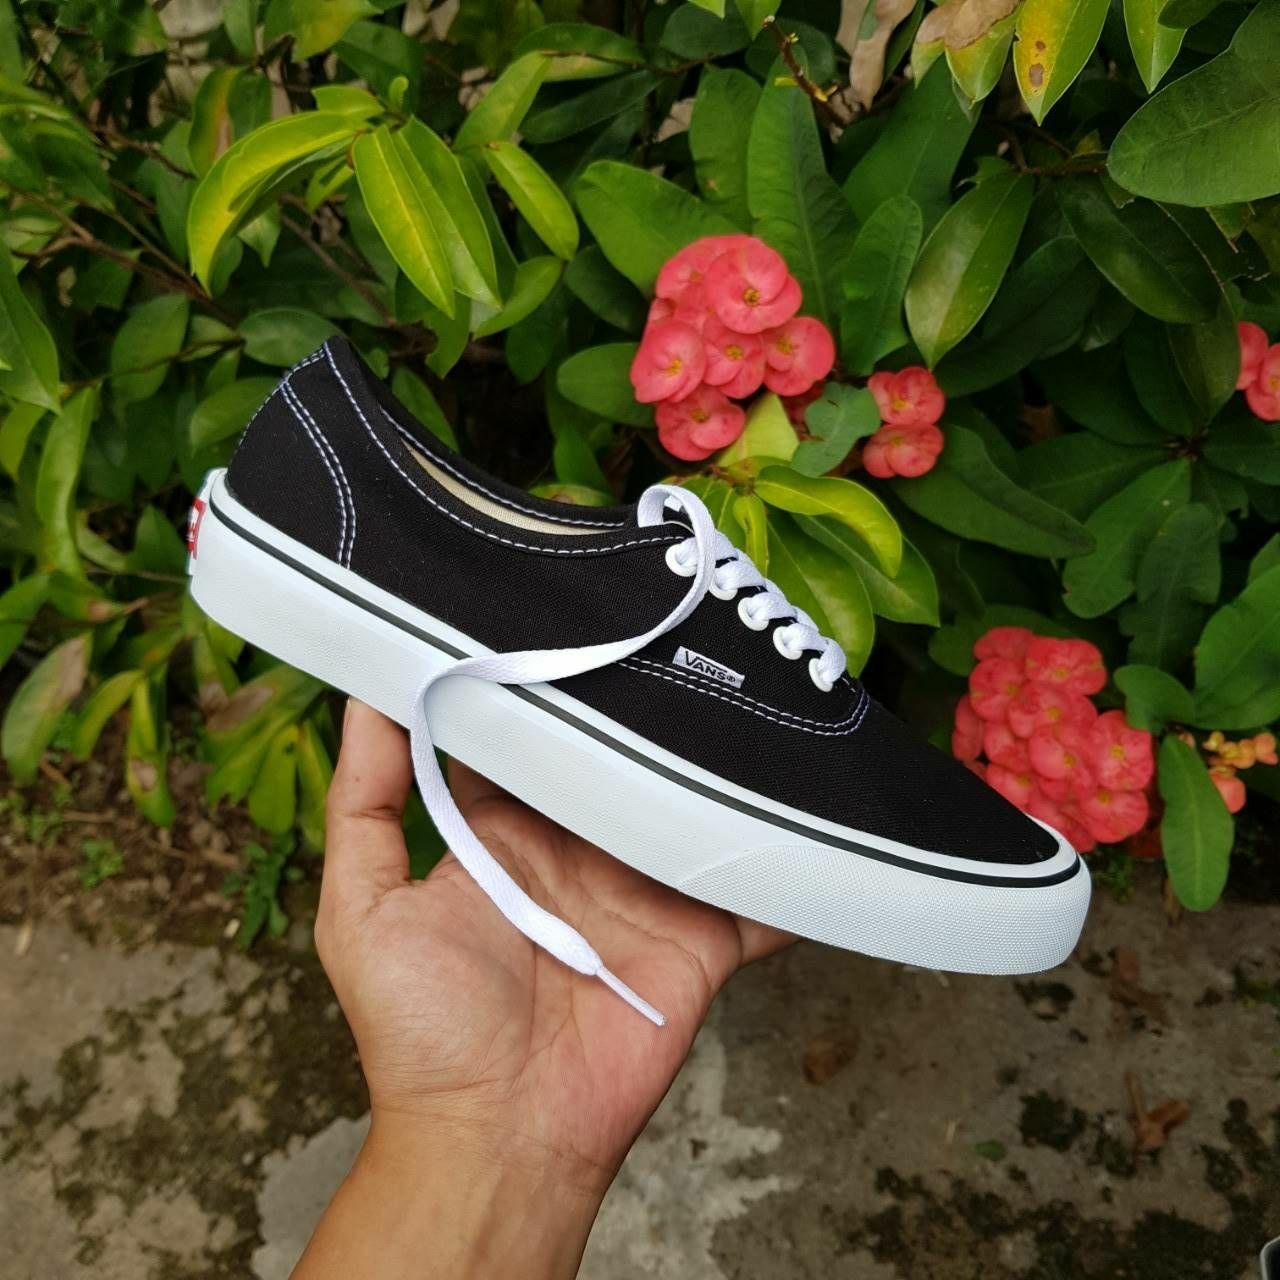 Promo Sepatu Vans Authentic Black White